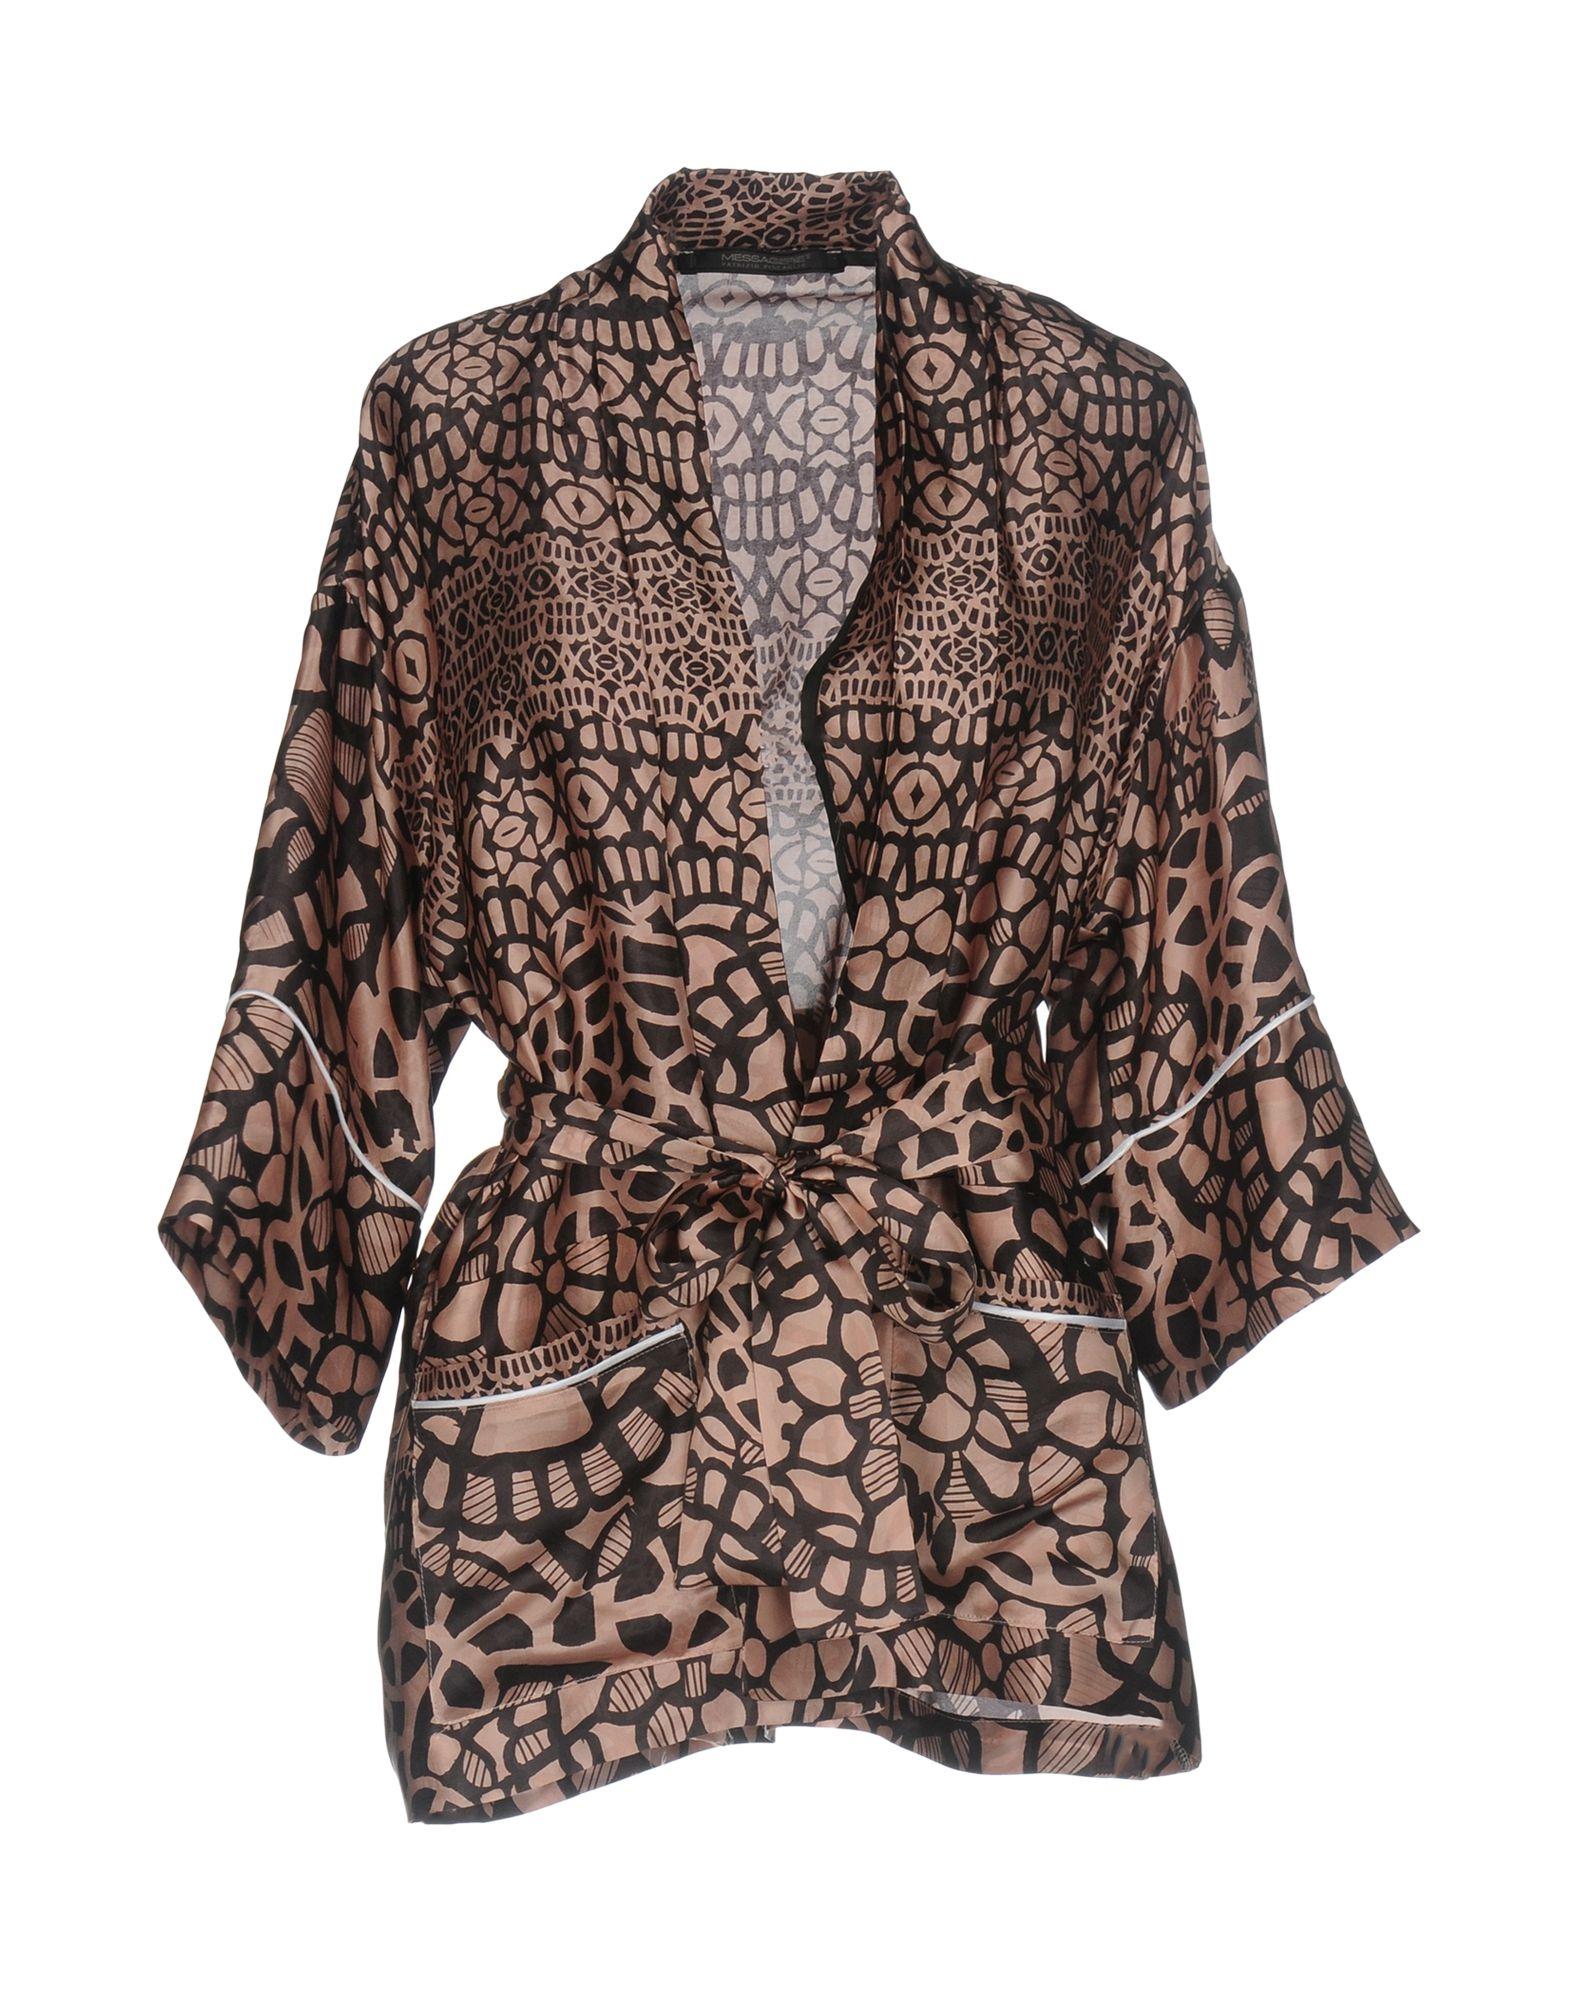 Camicie E Bluse Fantasia Messagerie Donna - Acquista online su sgrqfd